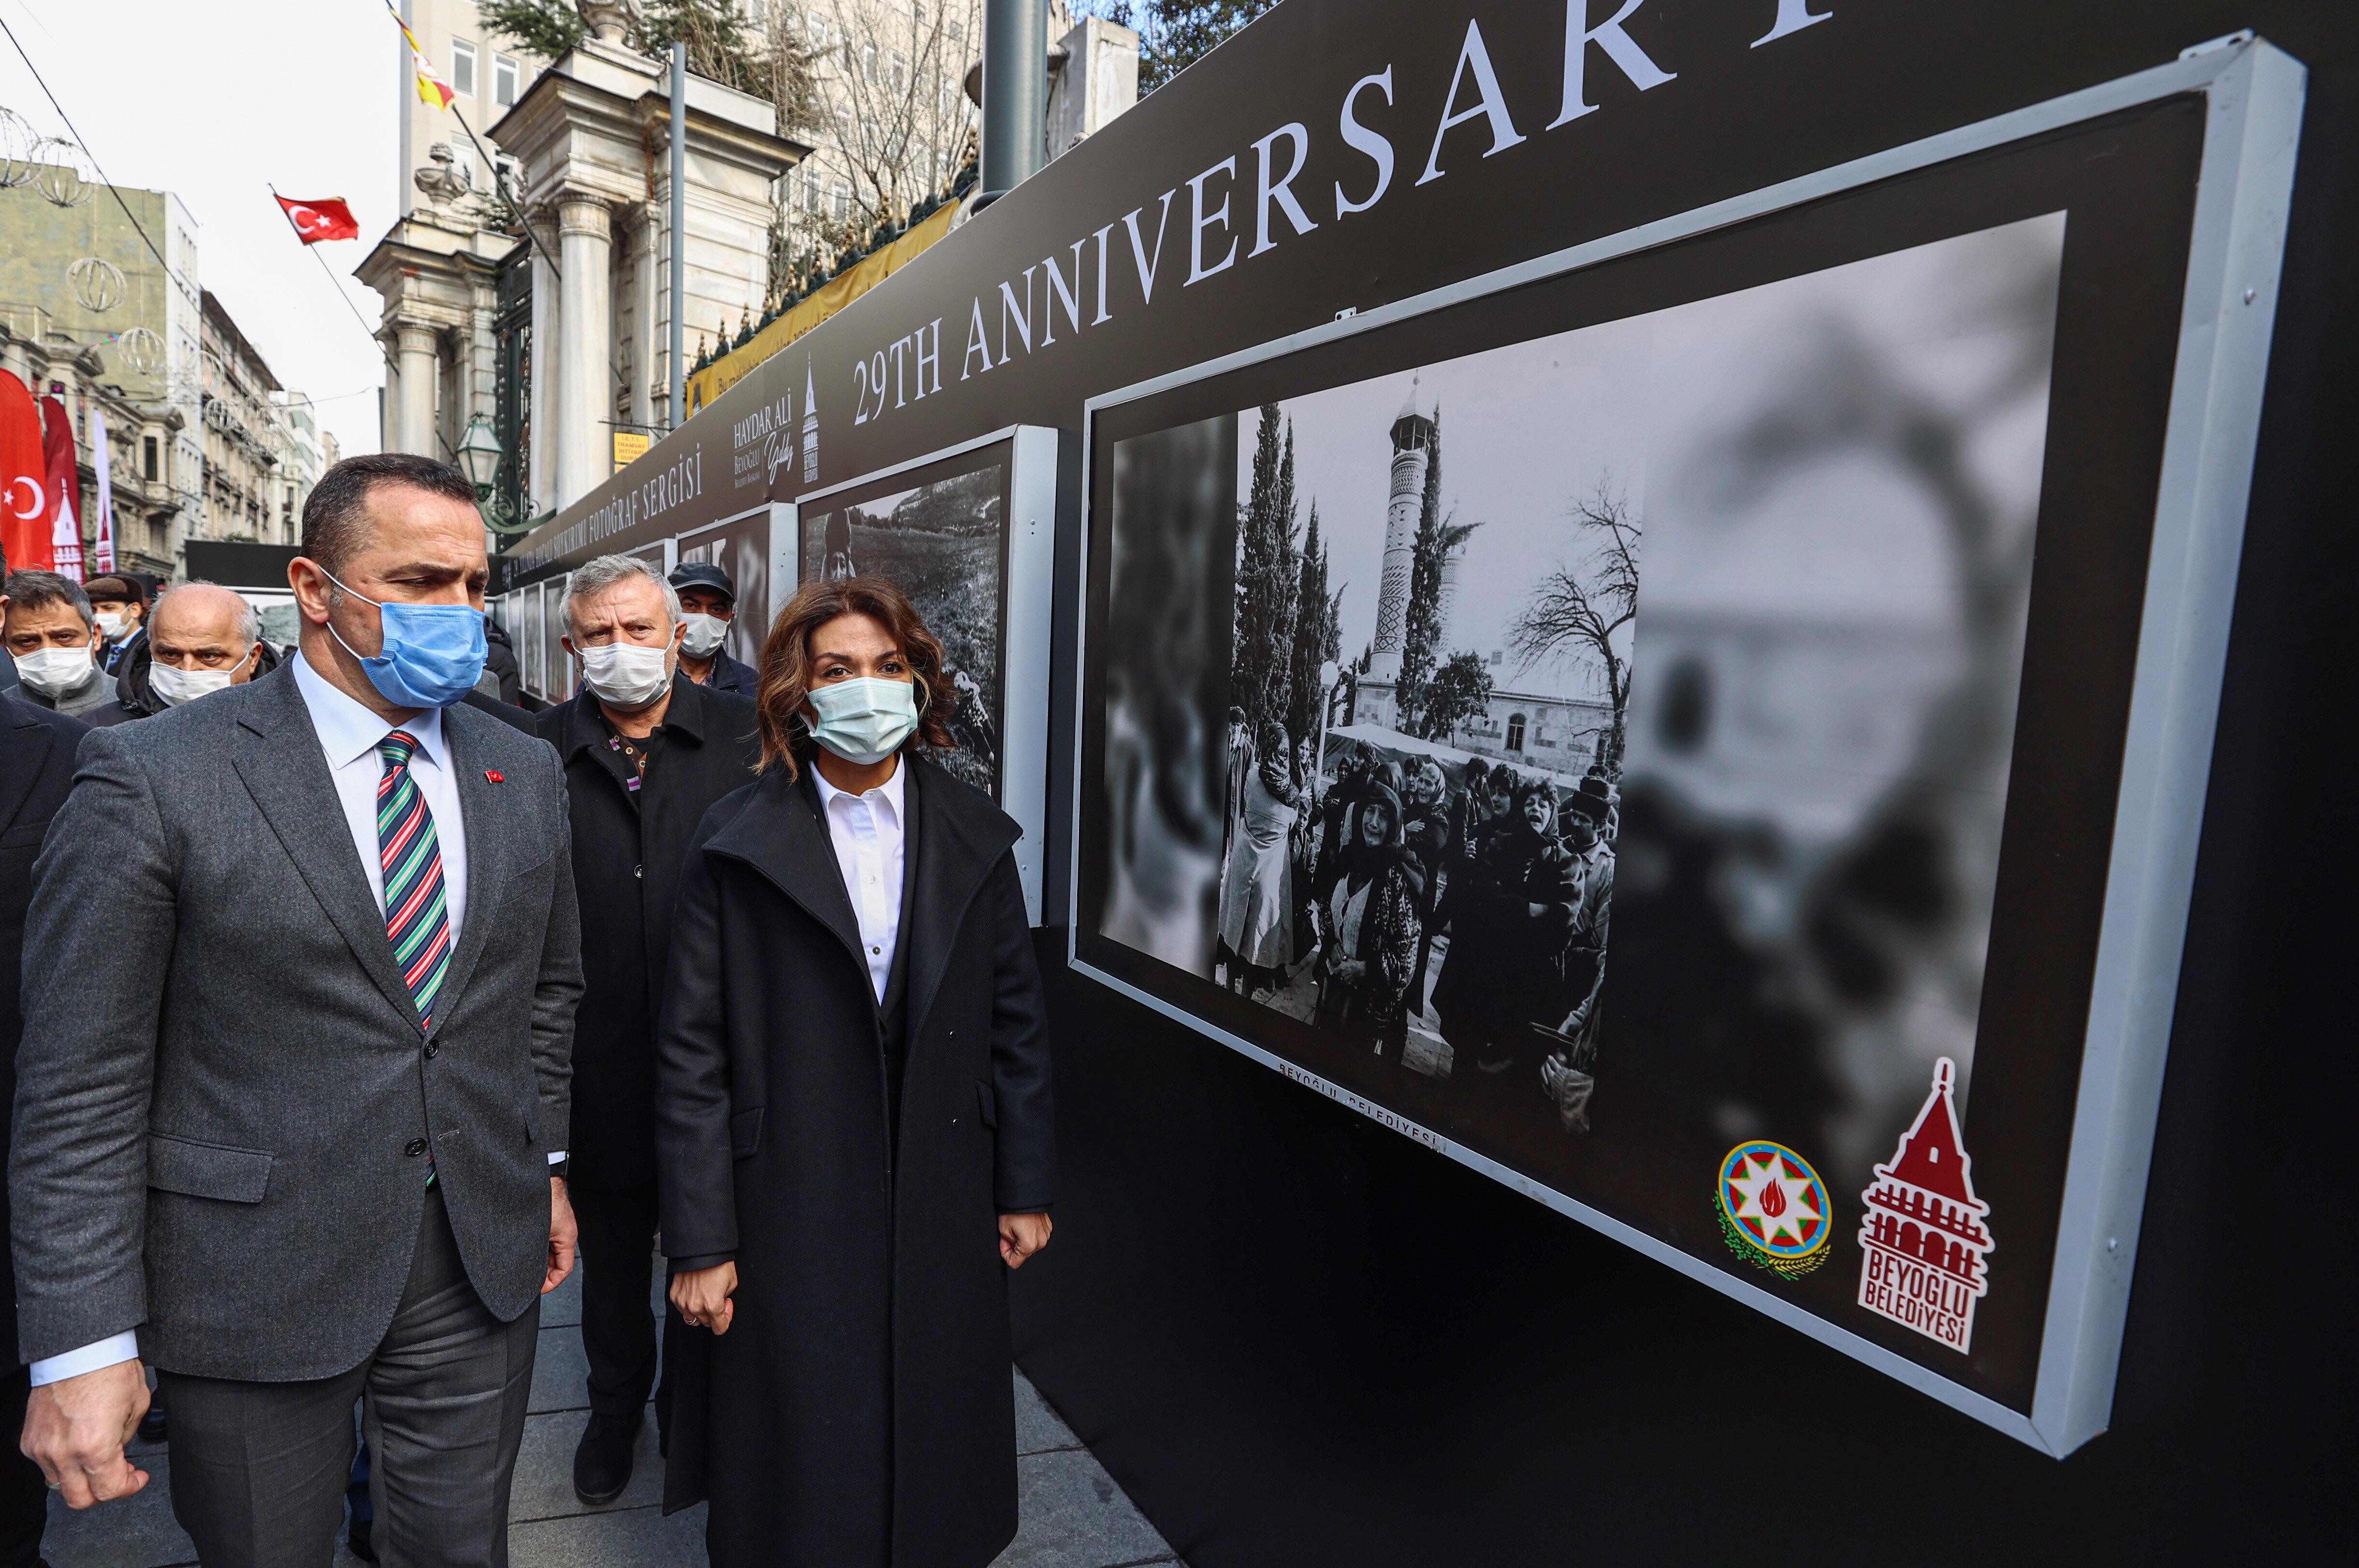 Açılan sergiye Beyoğlu Belediye Başkanı Haydar Ali Yıldız, Azerbaycan Cumhuriyeti İstanbul Başkonsolosu Narmina Mustafayeva ve Hocalı'dan gelen bir grup öğrenci katıldı.